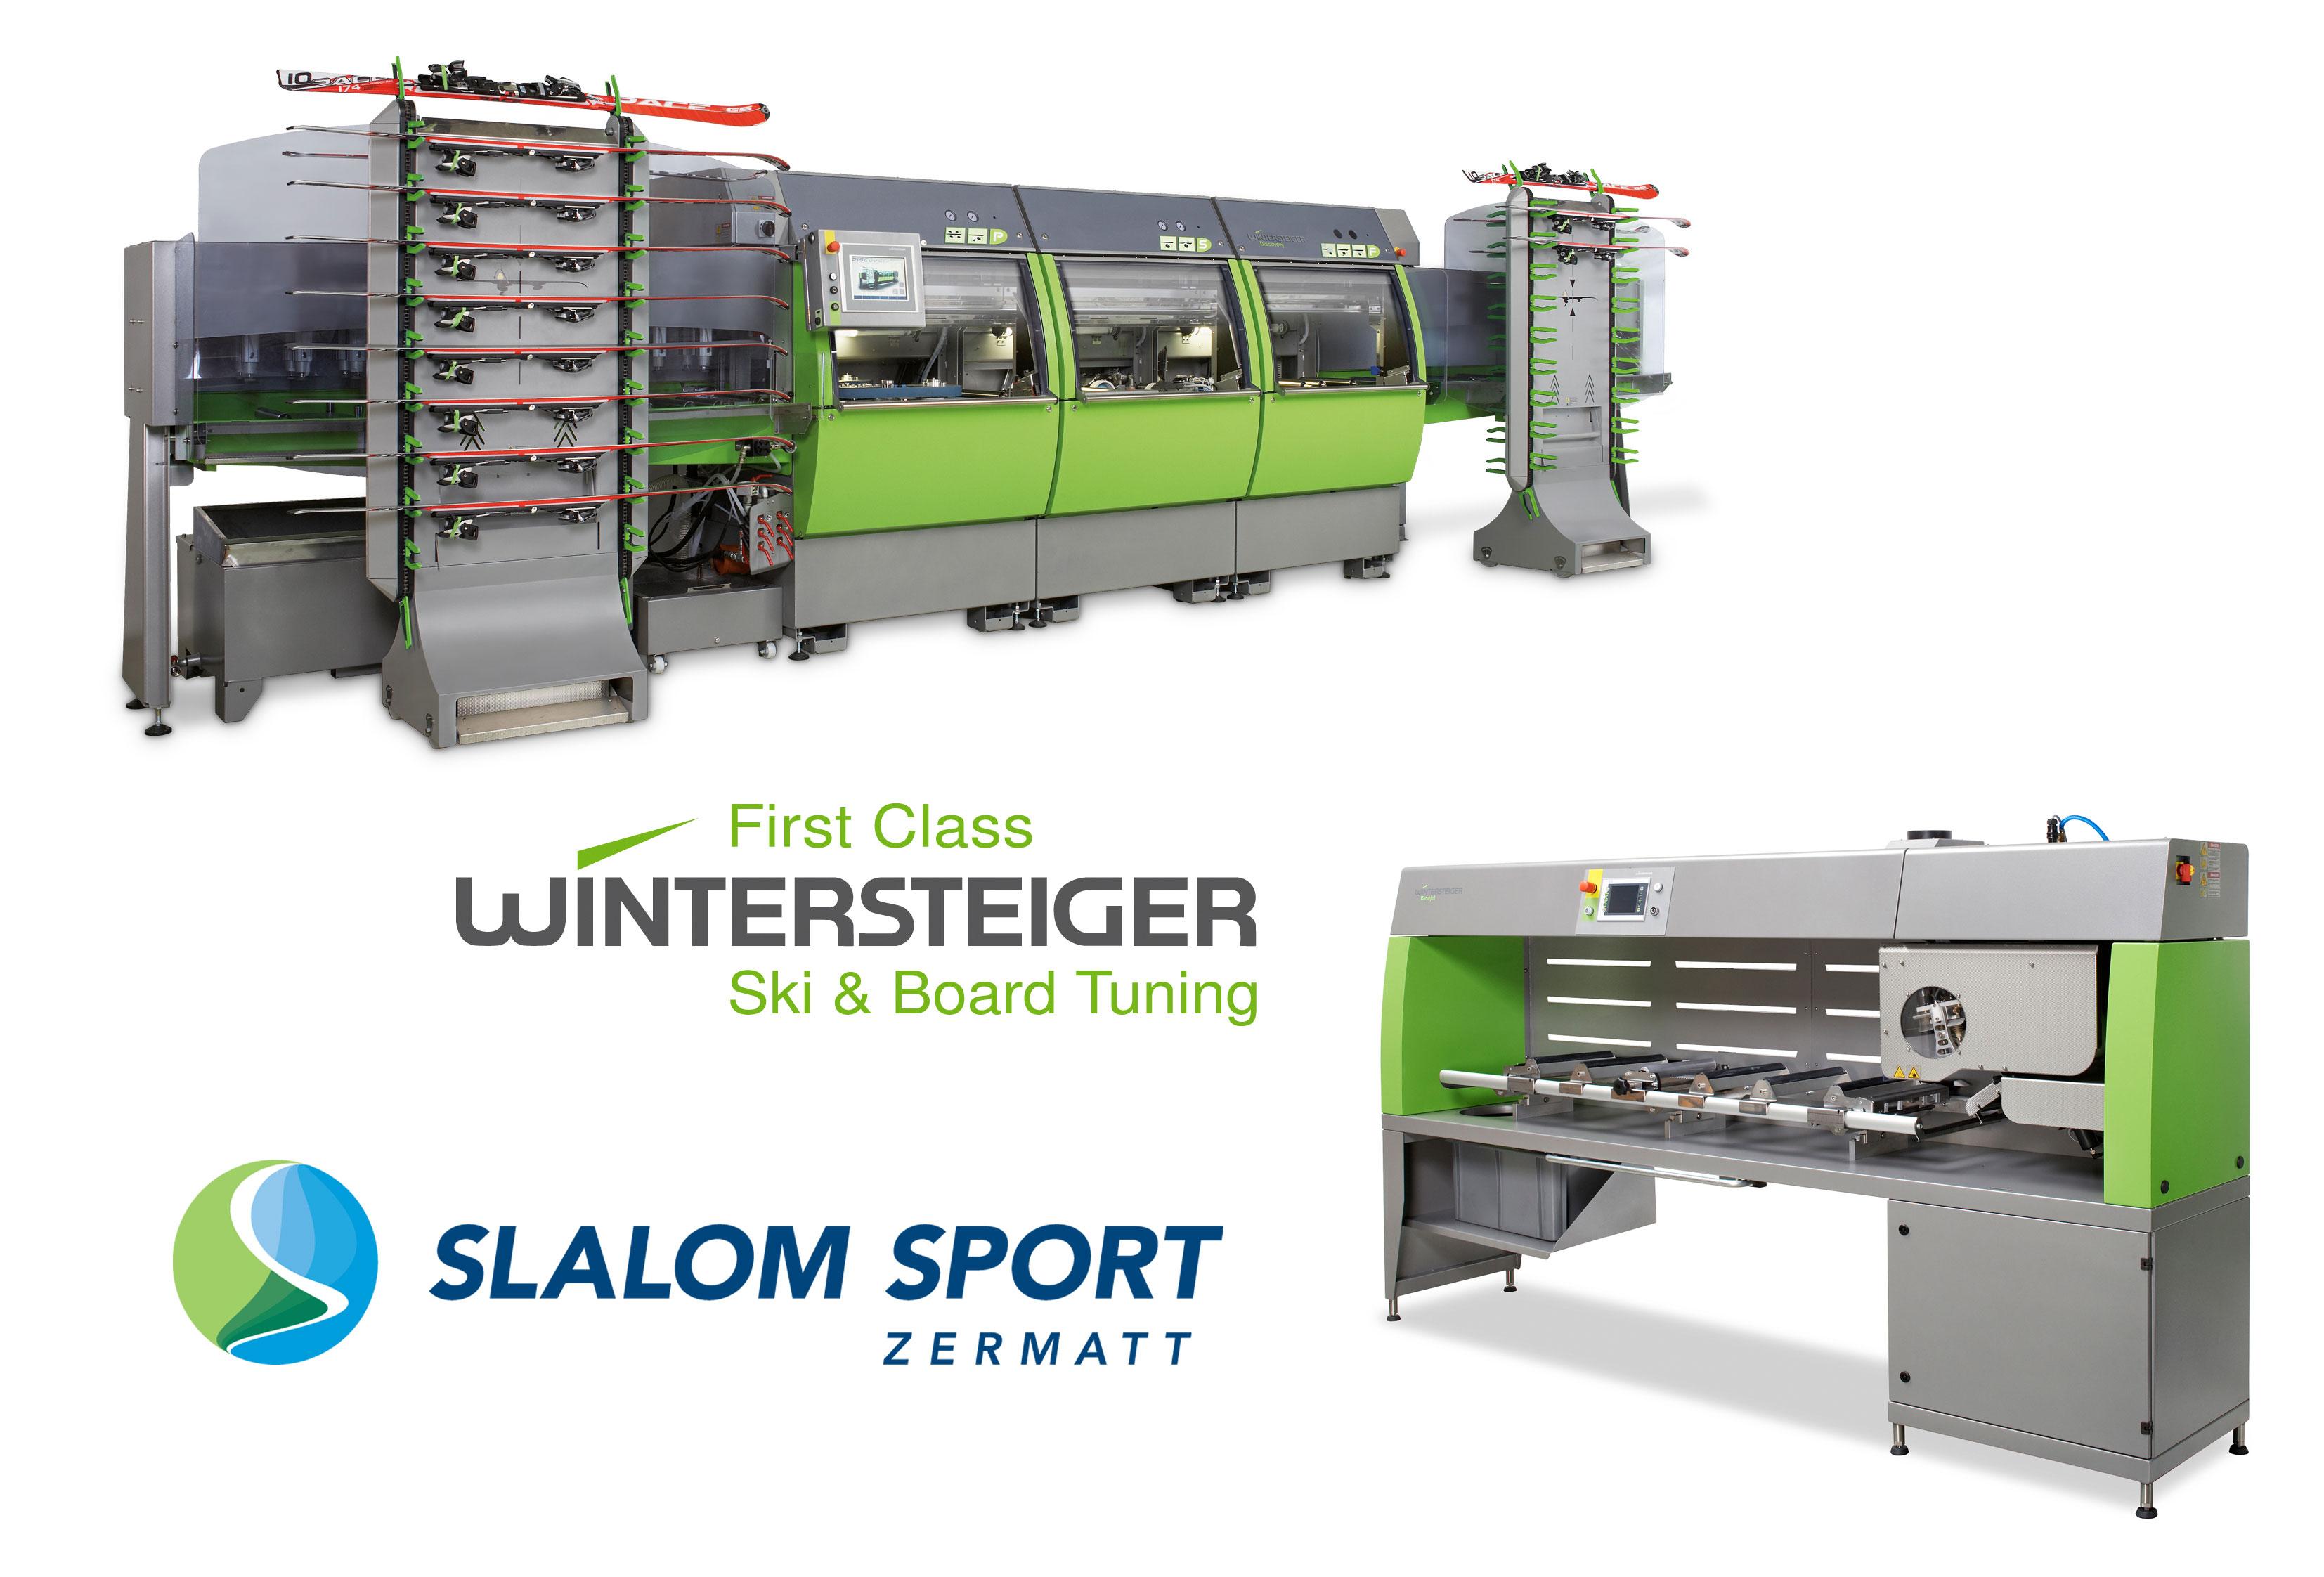 Slalom_Wintersteiger